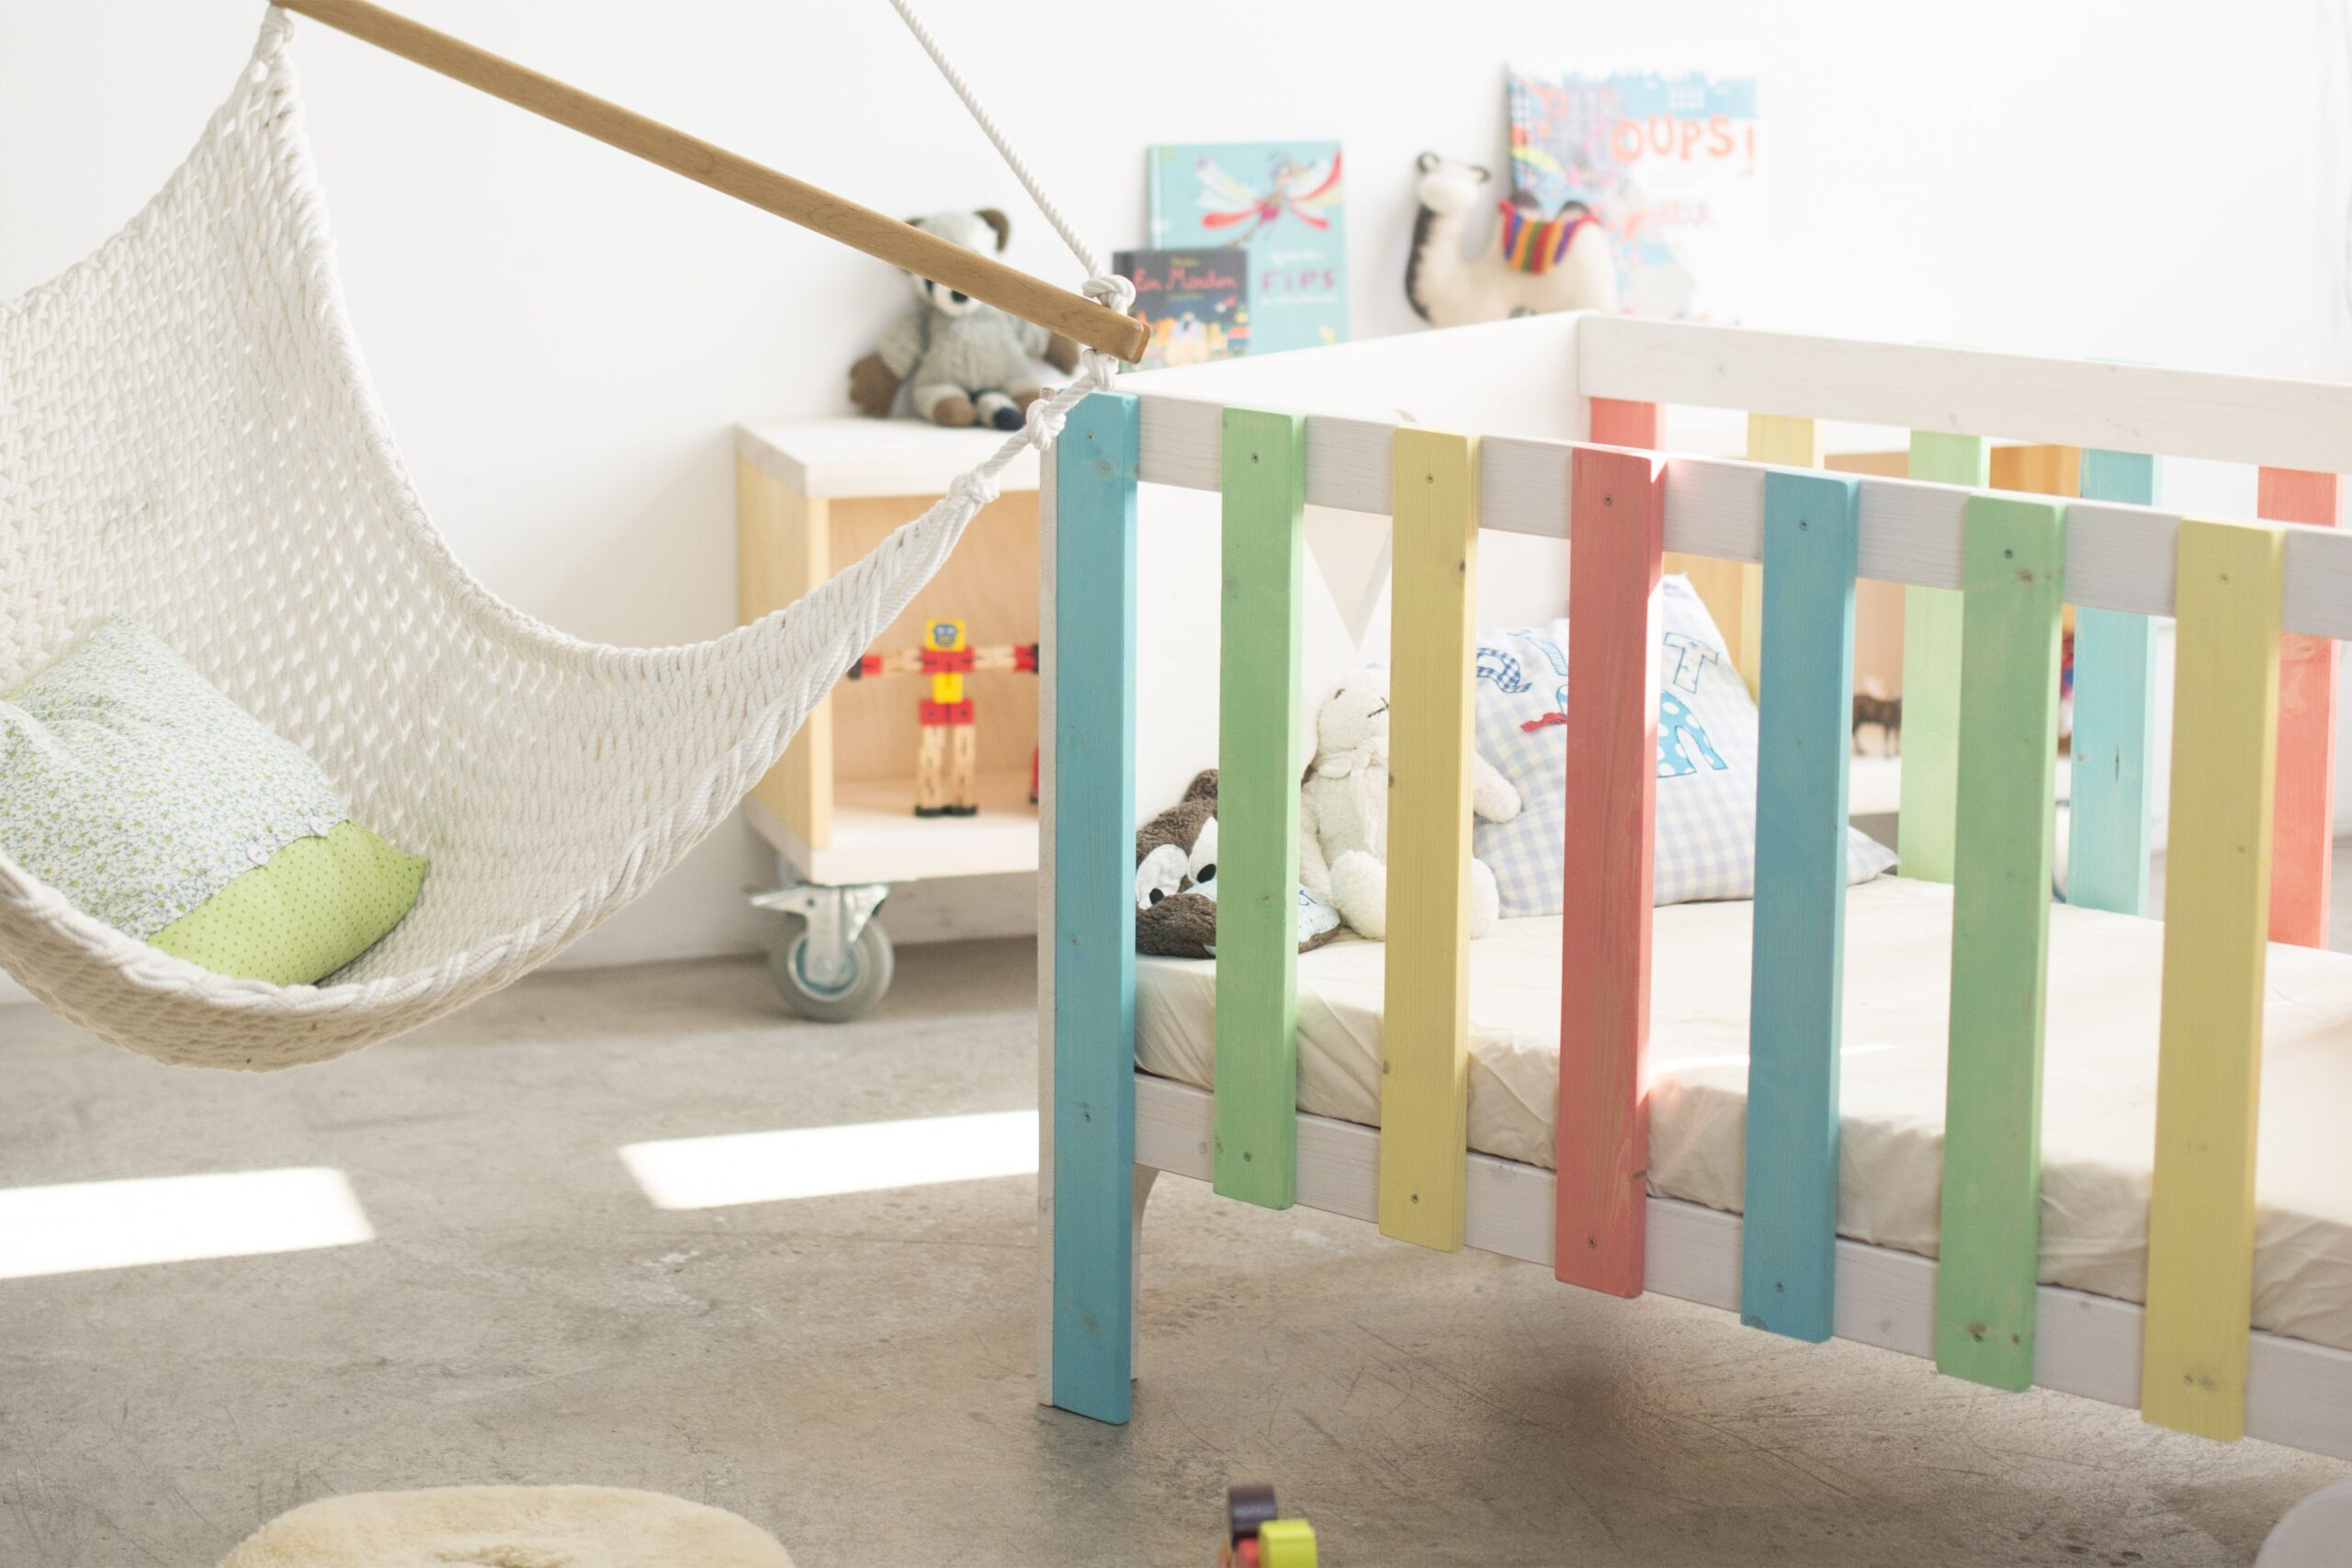 Full Size of Kinderbett Diy Haus Obi Kinderbetten Anleitung Ideen Rausfallschutz Babybett Zum Selber Bauen Wohnzimmer Kinderbett Diy